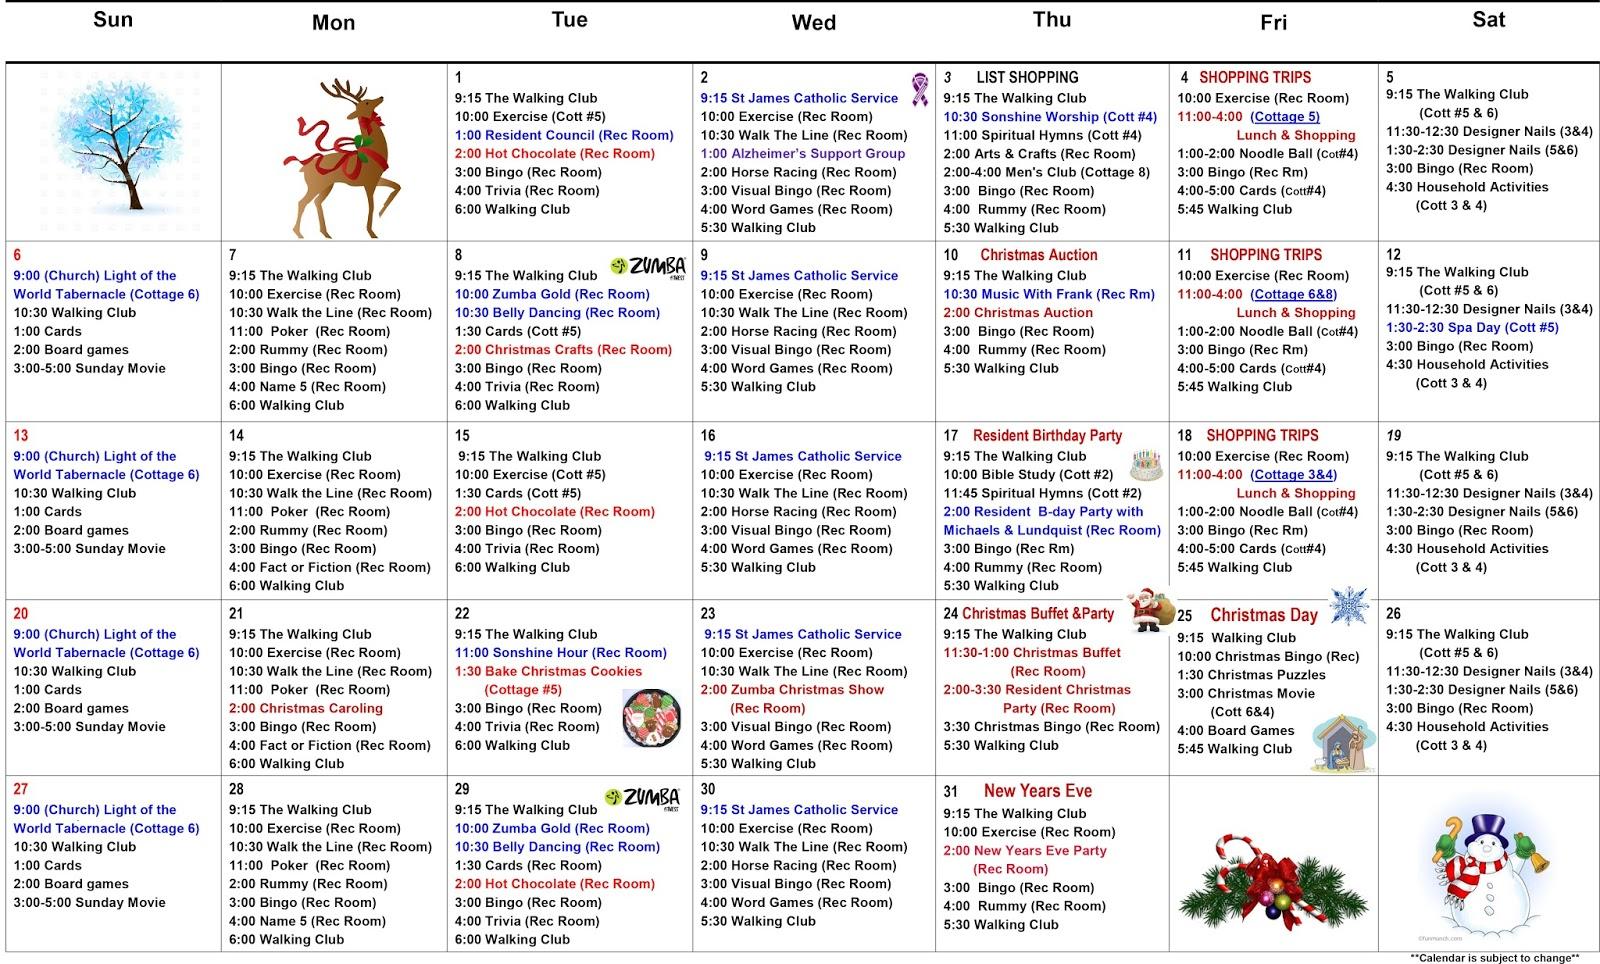 March 2015 senior activity calendar fun easy senior senior for Assisted living activity calendar template